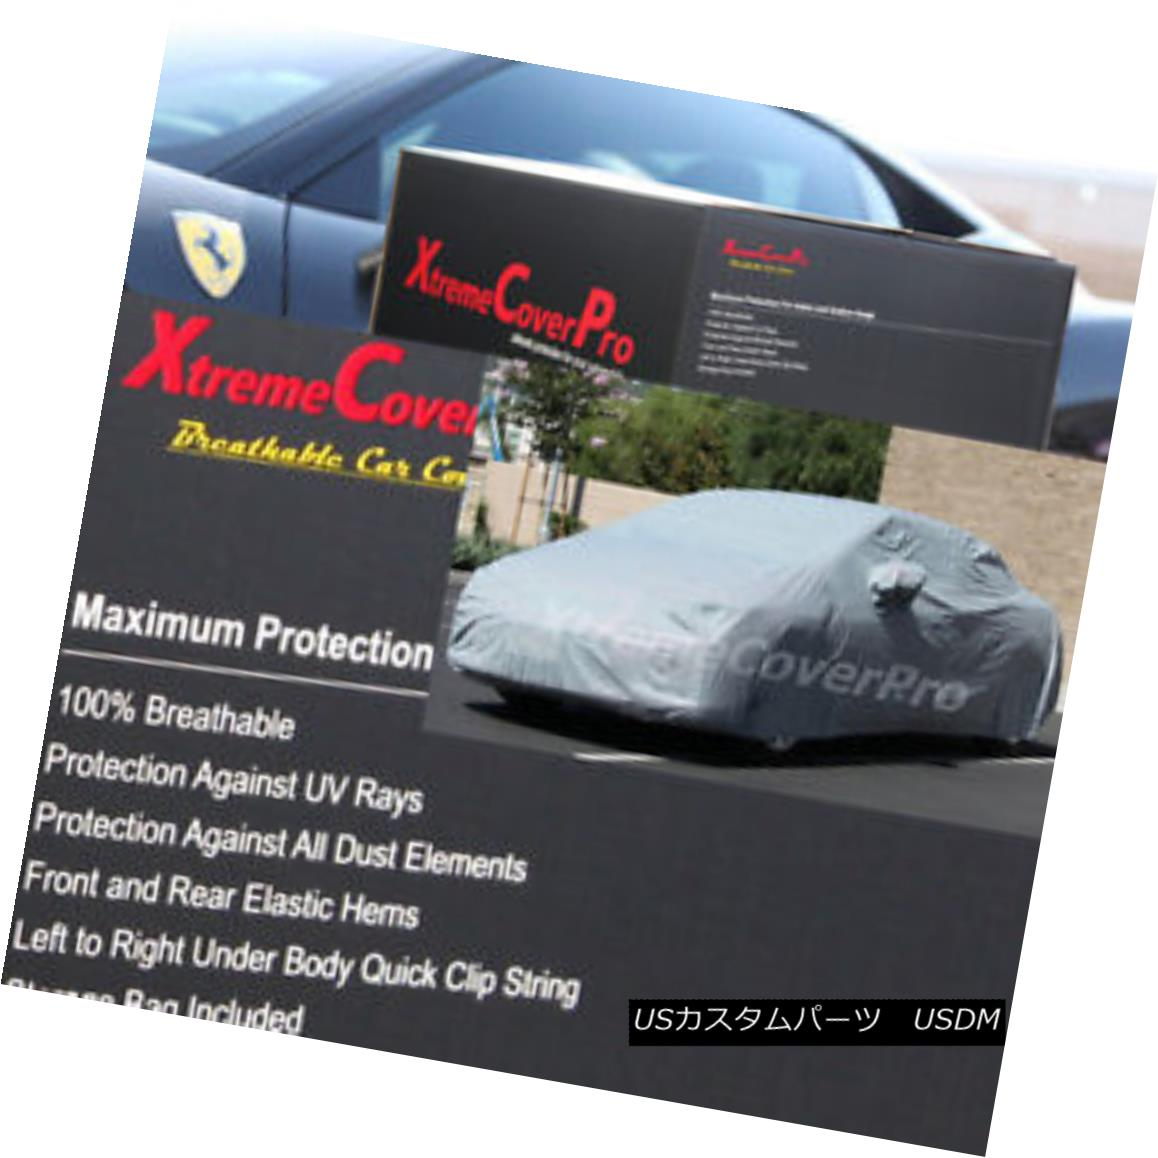 カーカバー 2013 Chevy Cruze Breathable Car Cover w/MirrorPocket MirrorPocketを搭載した2013 Chevy Cruze通気性車カバー